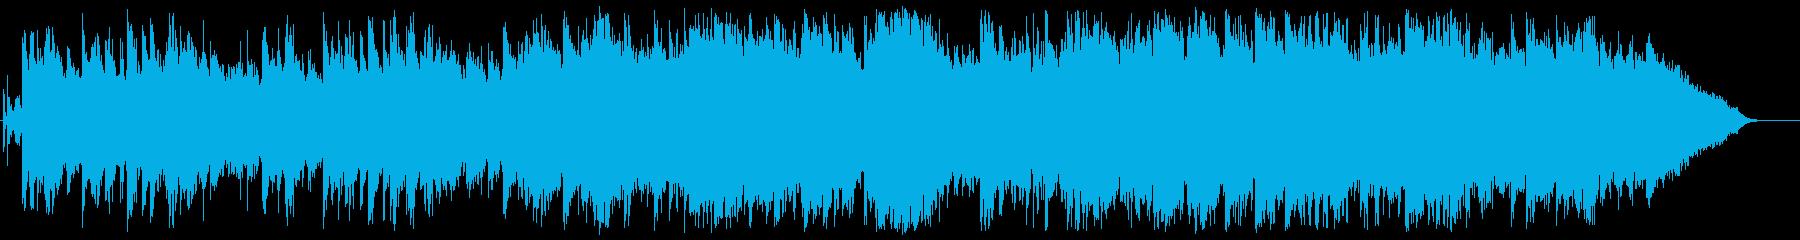 切ないドラマチックなBGMの再生済みの波形